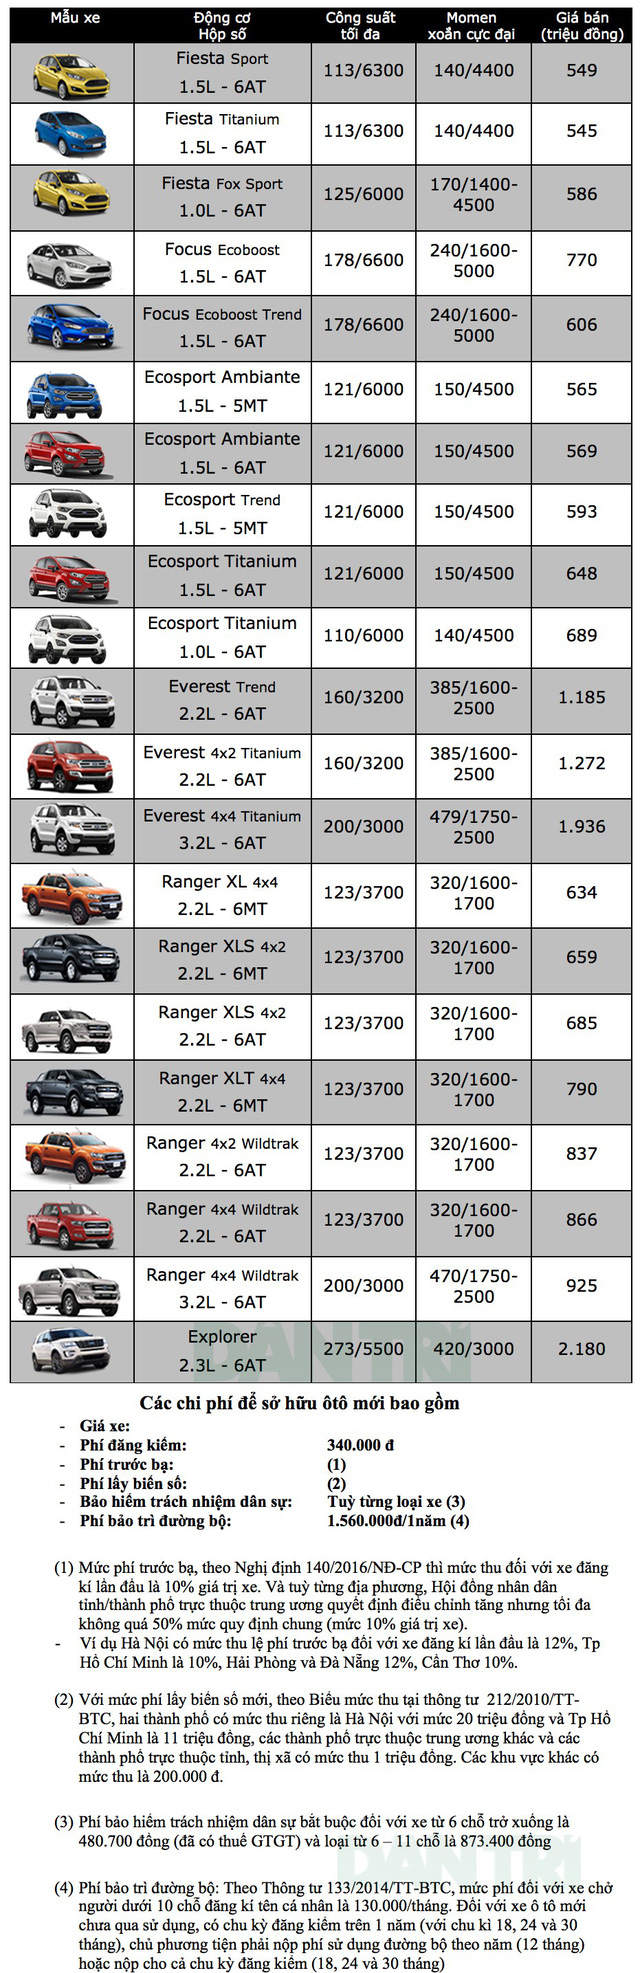 Bảng giá xe Ford tháng 8/2018: Những biến động mới nhất